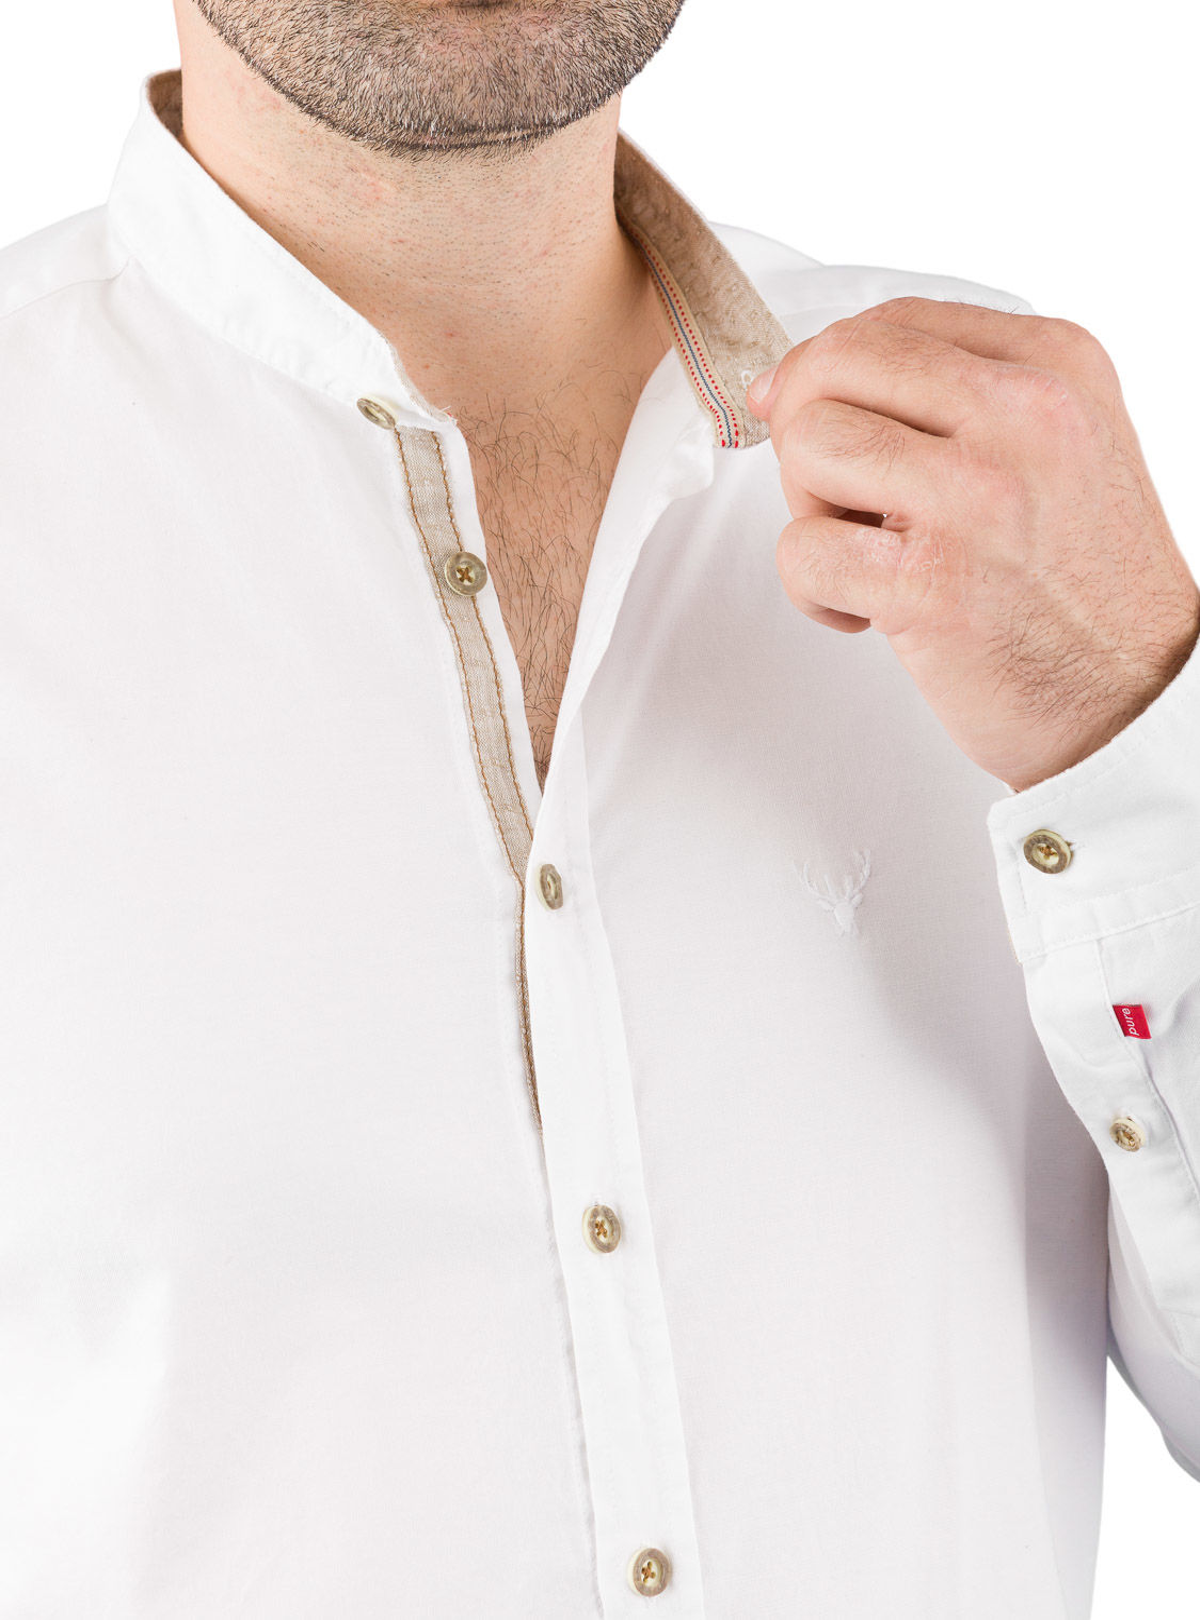 Arido Trachtenhemd Herren Langarm 2899 3295 20 Sidra Hospital